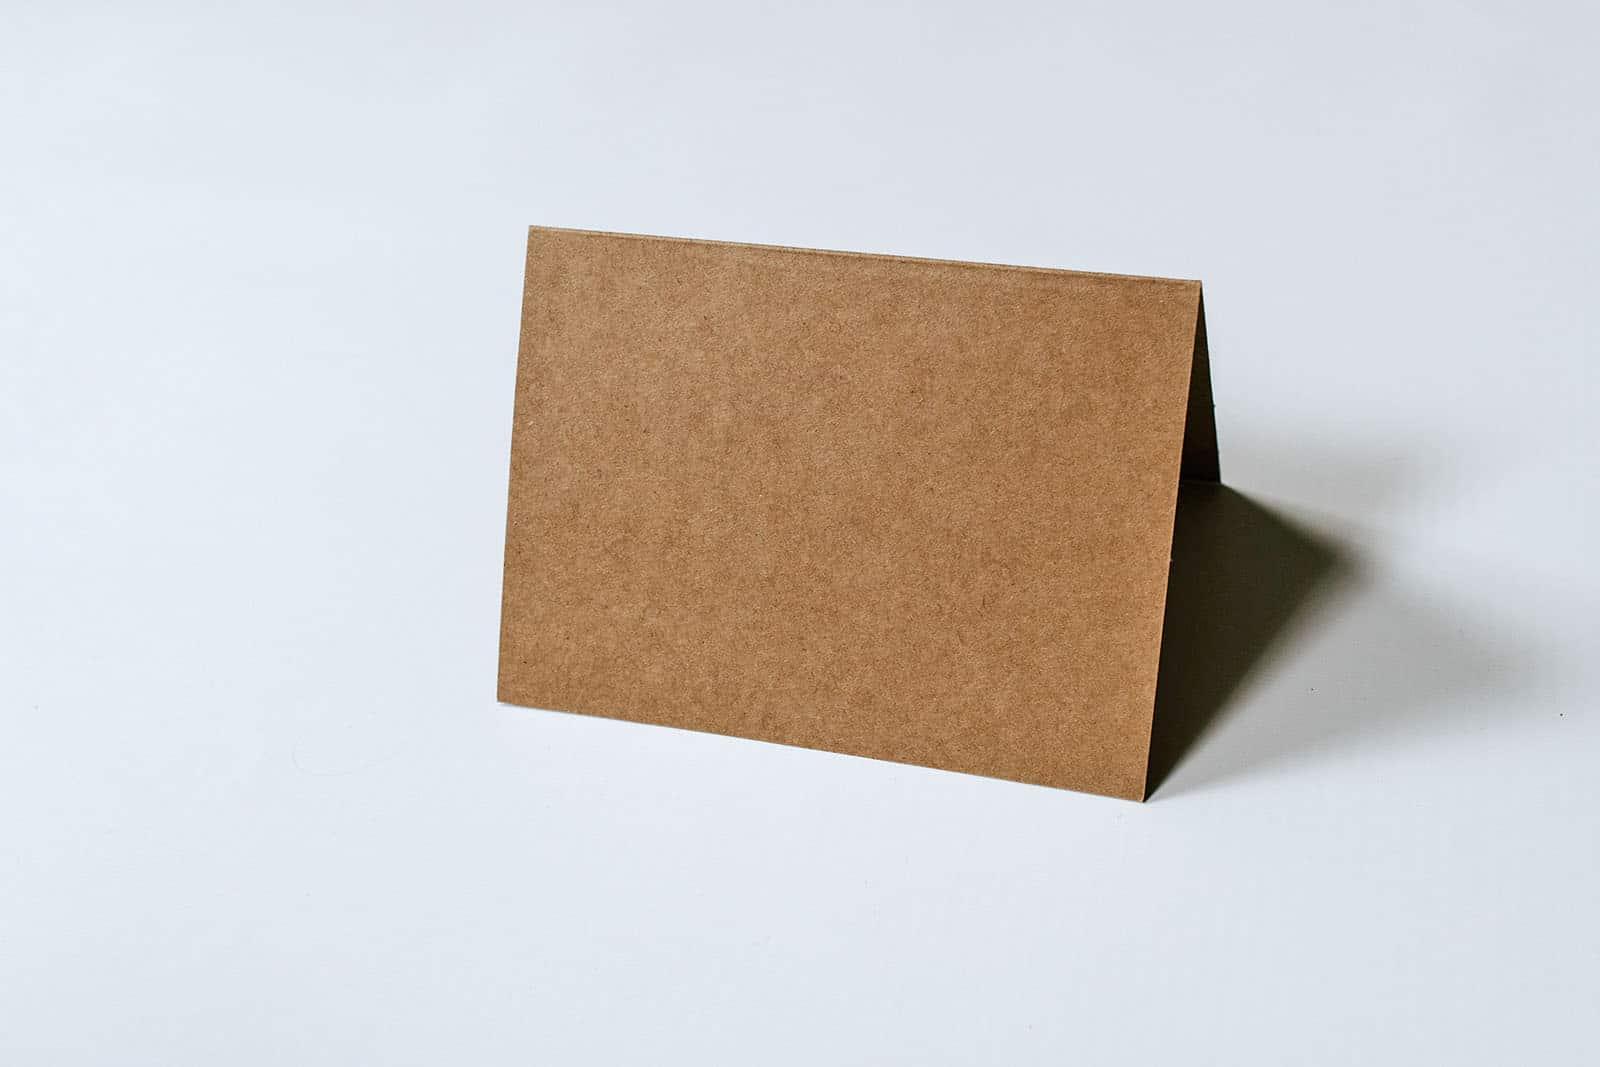 ブログカード作成ショートコードについて